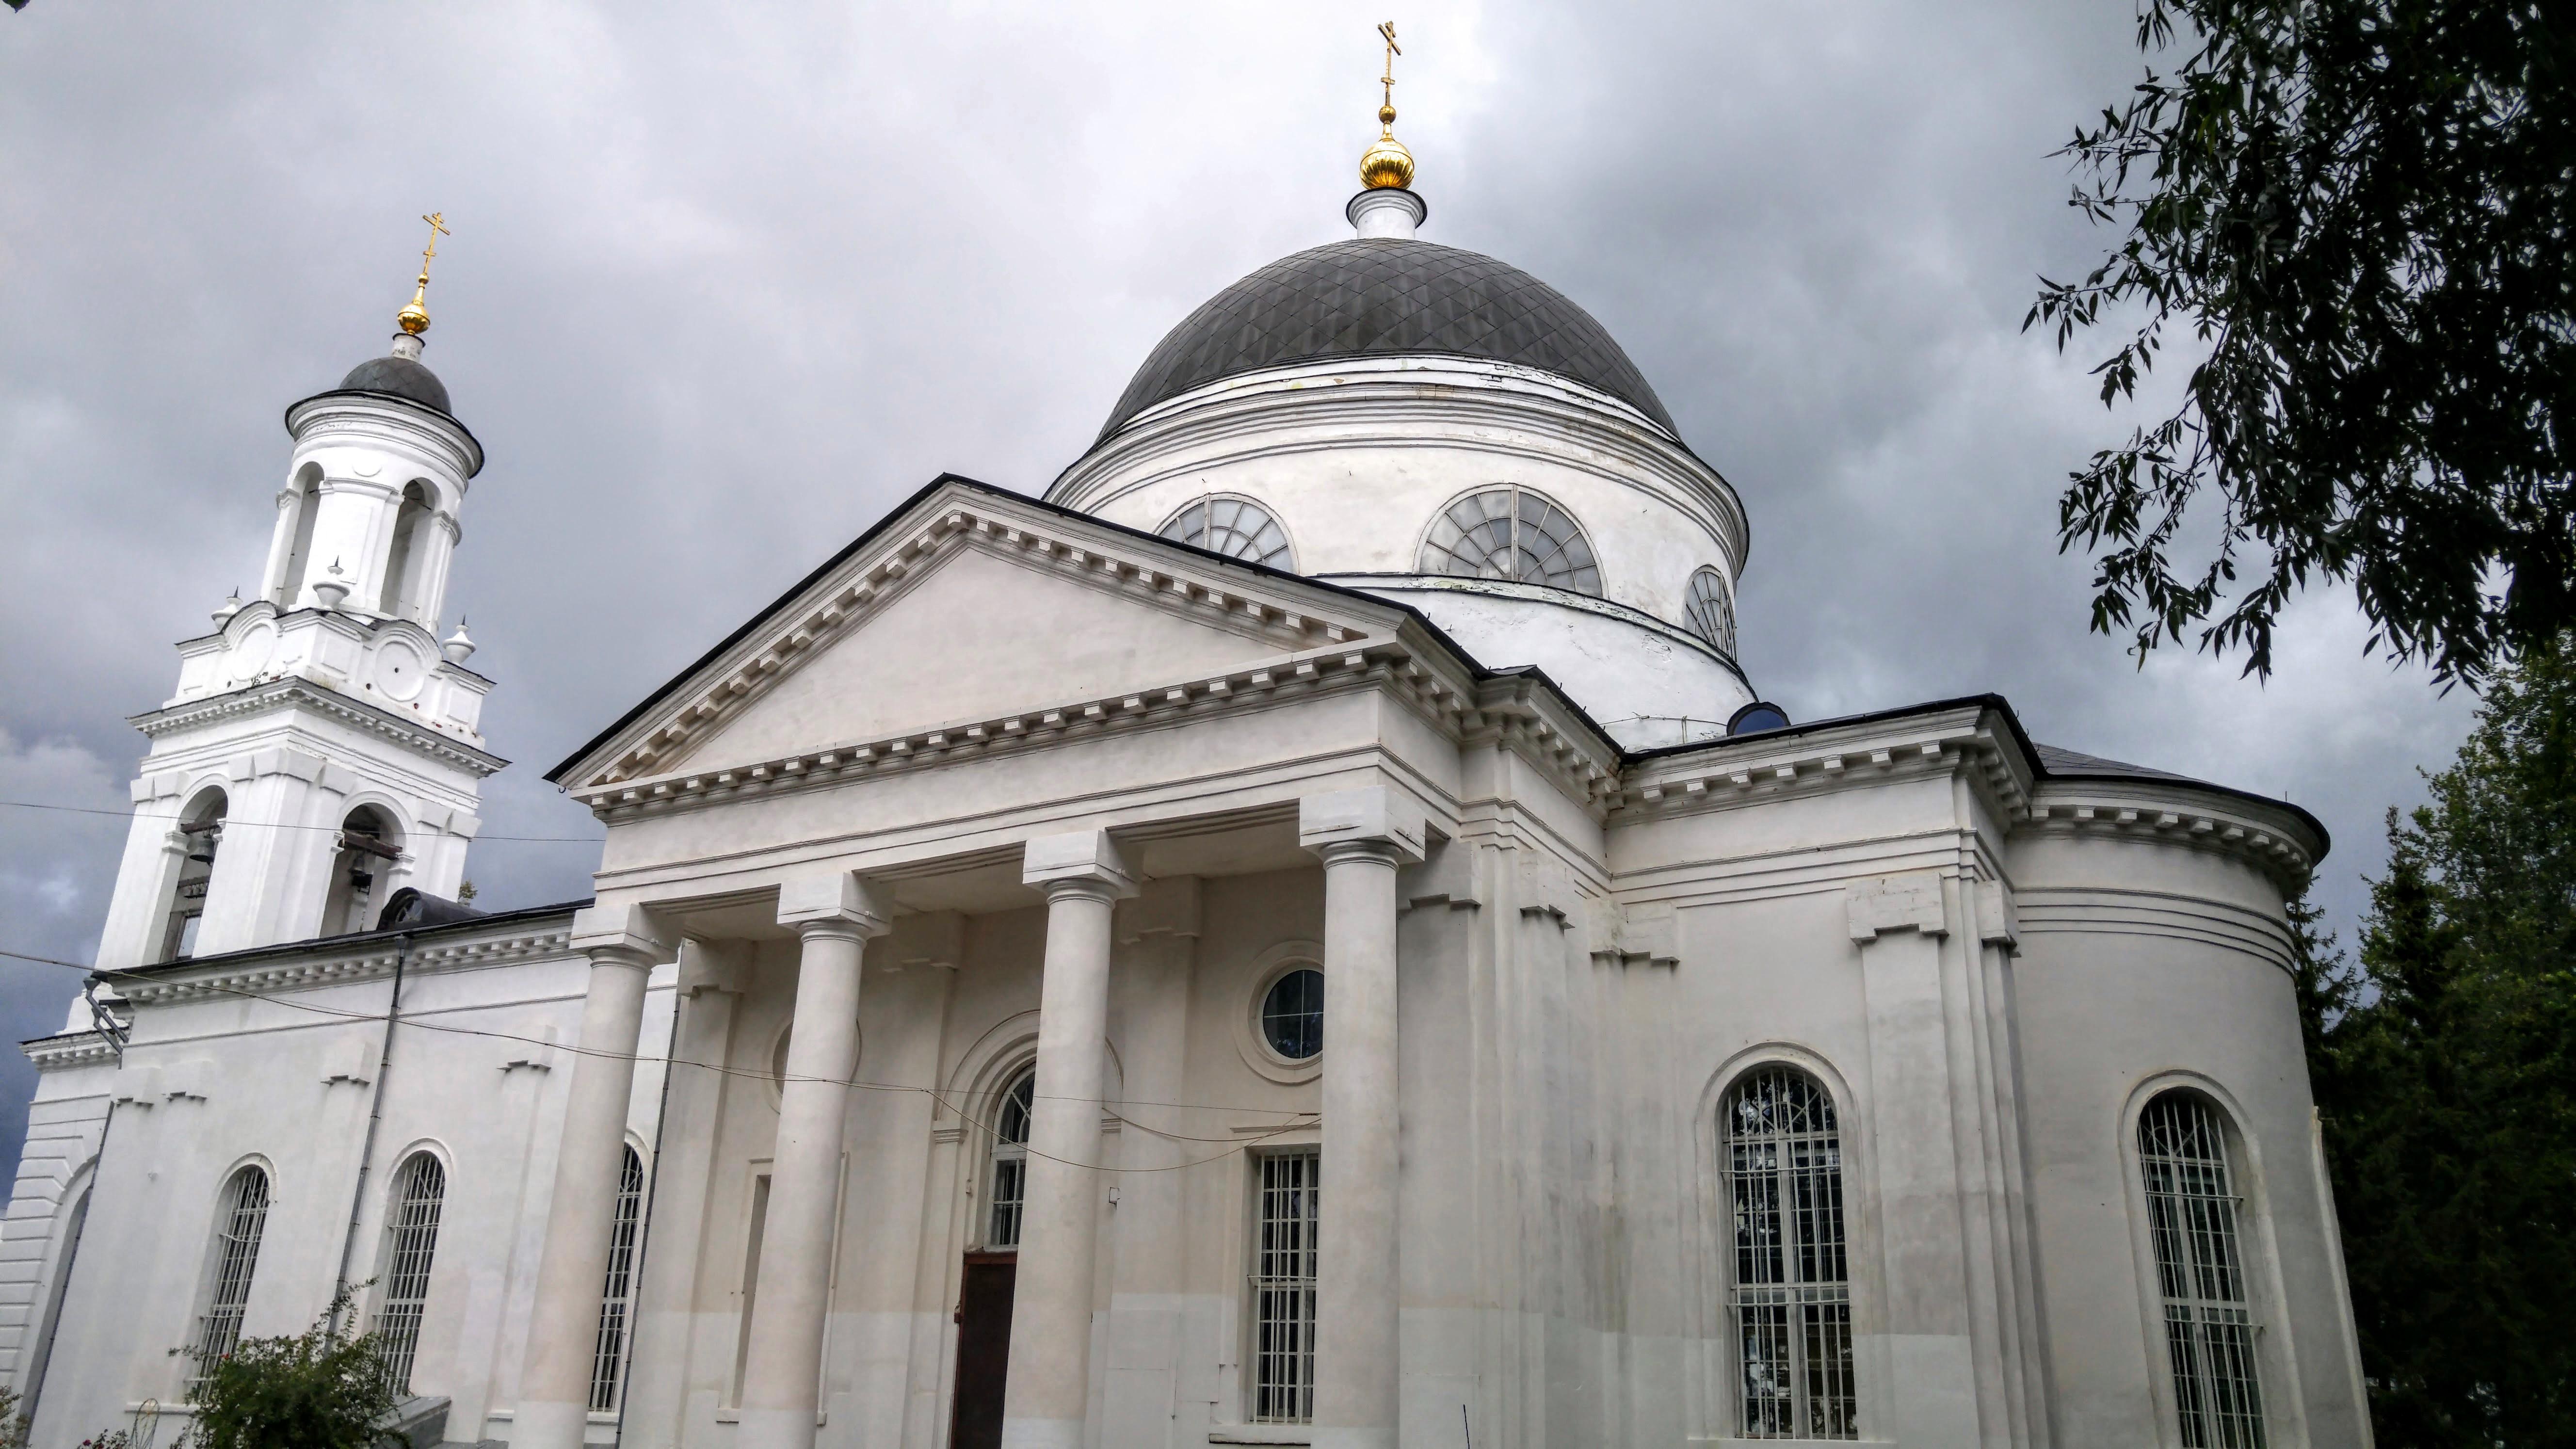 Здание храма спроектировано неизвестным архитектором, но понятно, что он впечатлялся передовыми проектами того времени - колонны, купол, башня. Нечто подобное мы уже видели в Торжке и других подмосковных городках